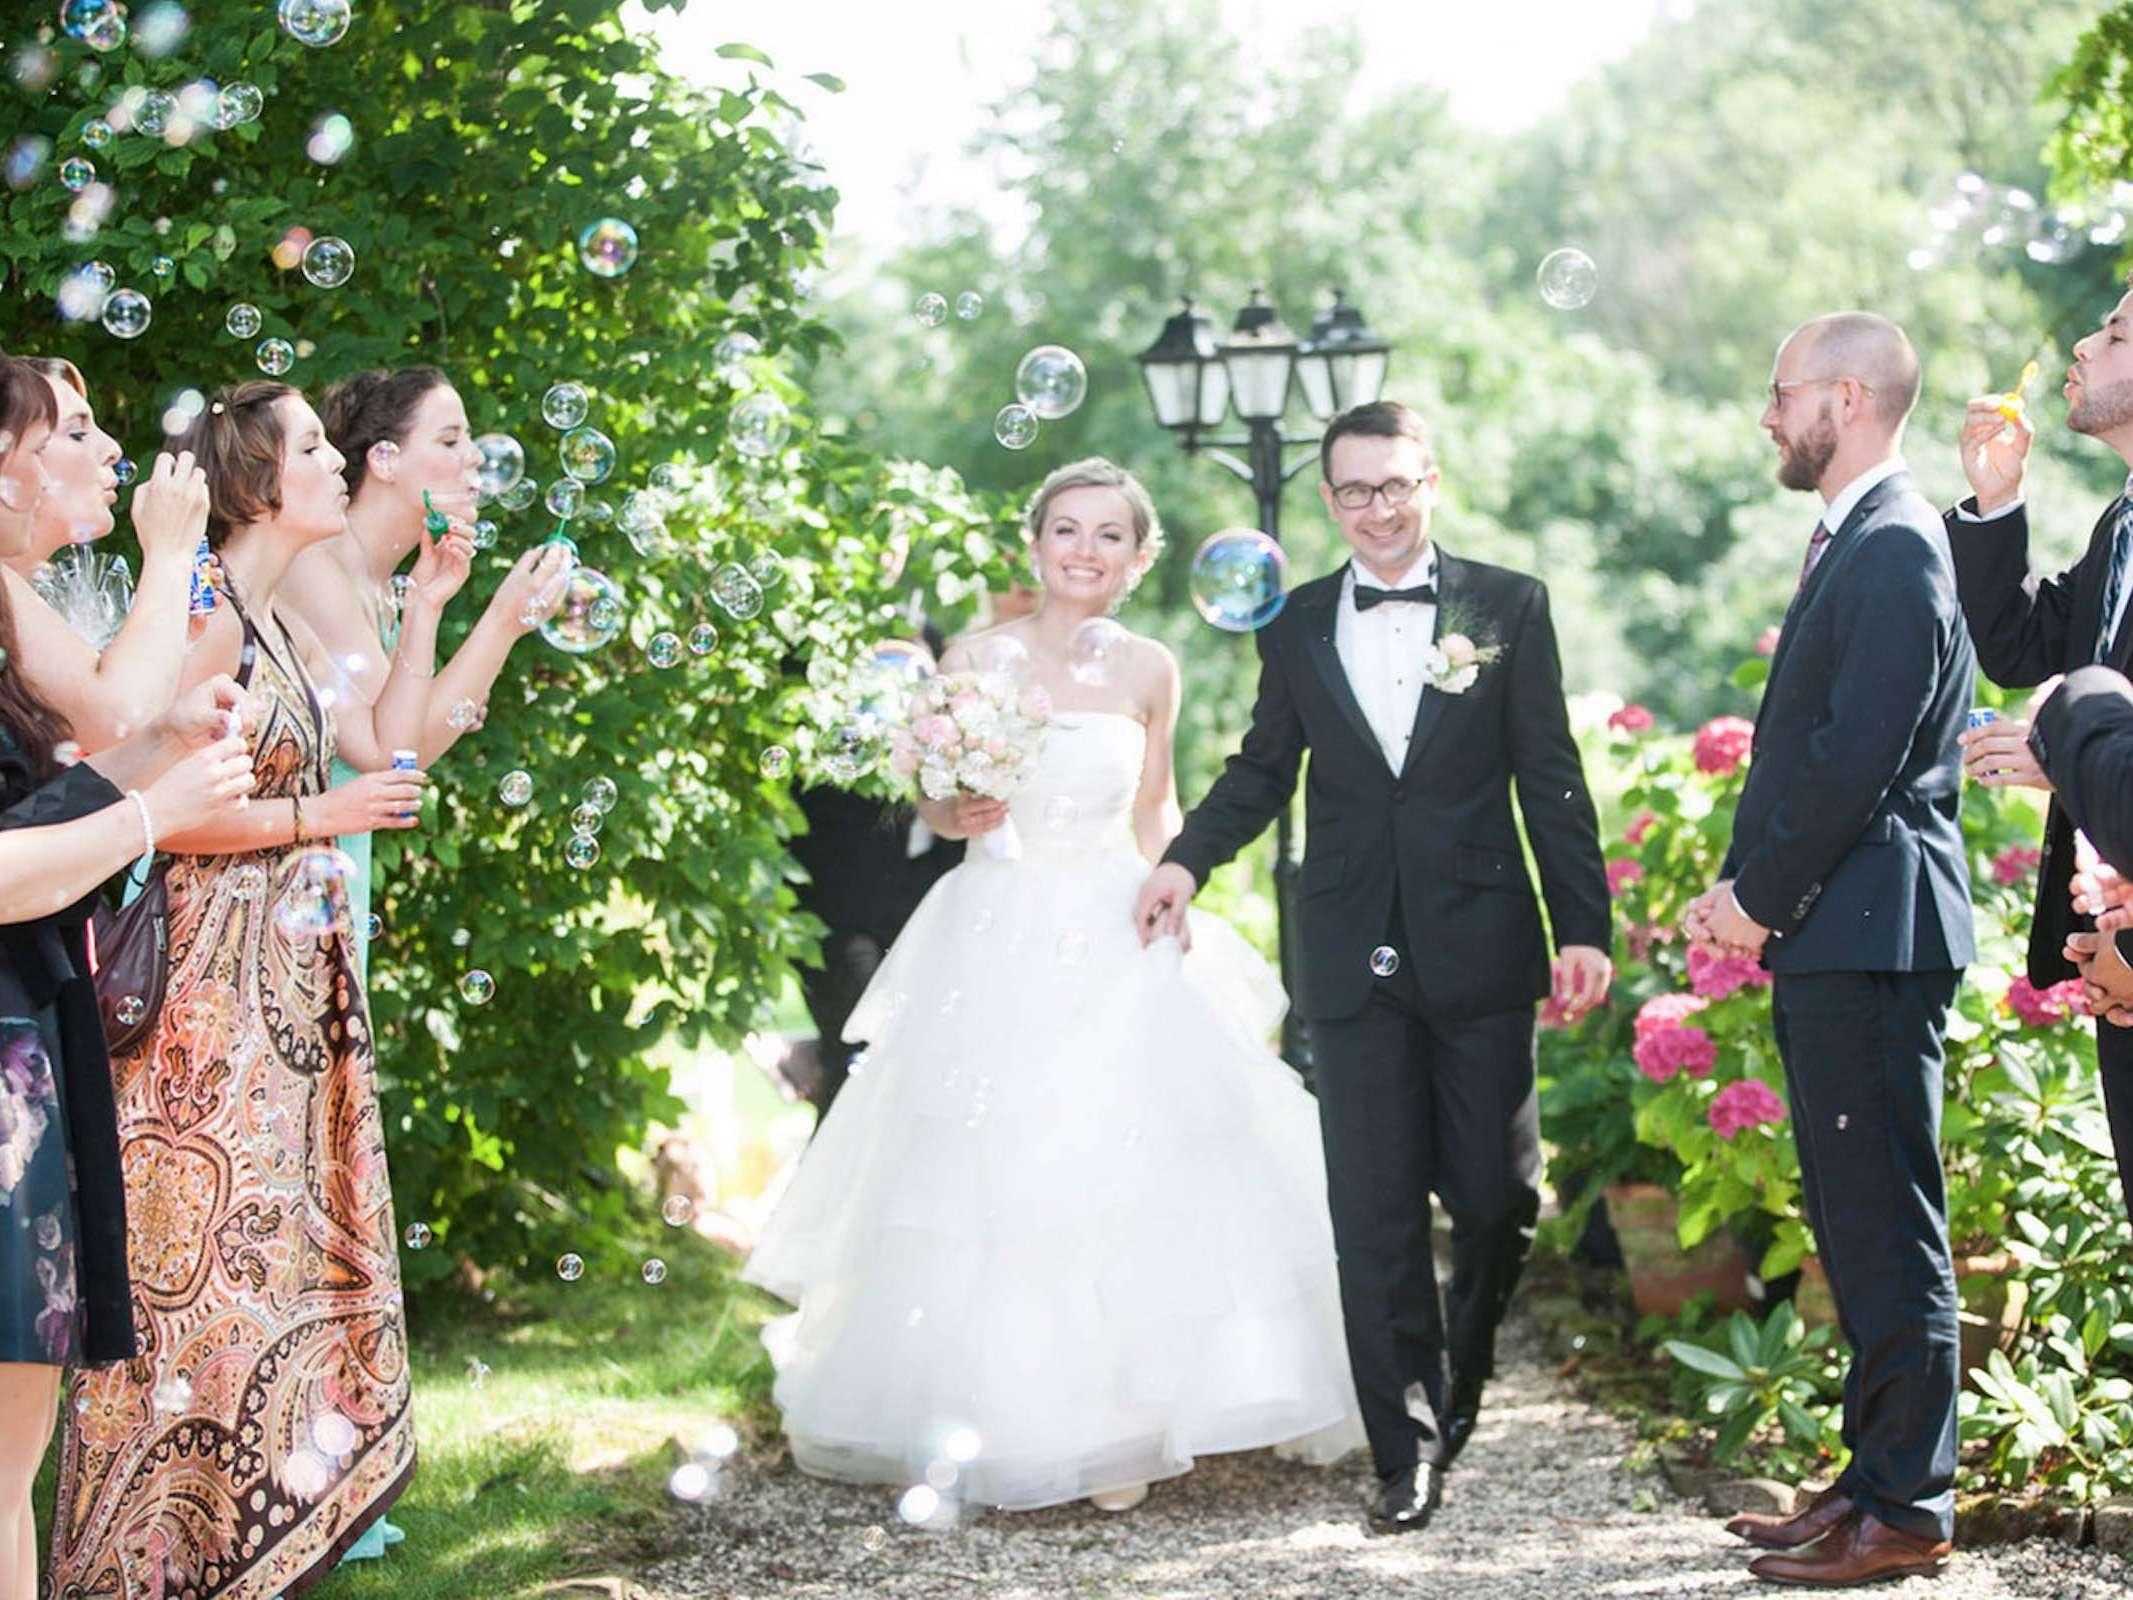 Fotograf | Hochzeit | Celle | Hannover | Hameln | Braunschweig | Peine | Fotograf | Hochzeit | Hochzeitsfotografie | Hochzeitsreportage | Fotografie | Mieten | Buchen | Lehmann | Eventservice